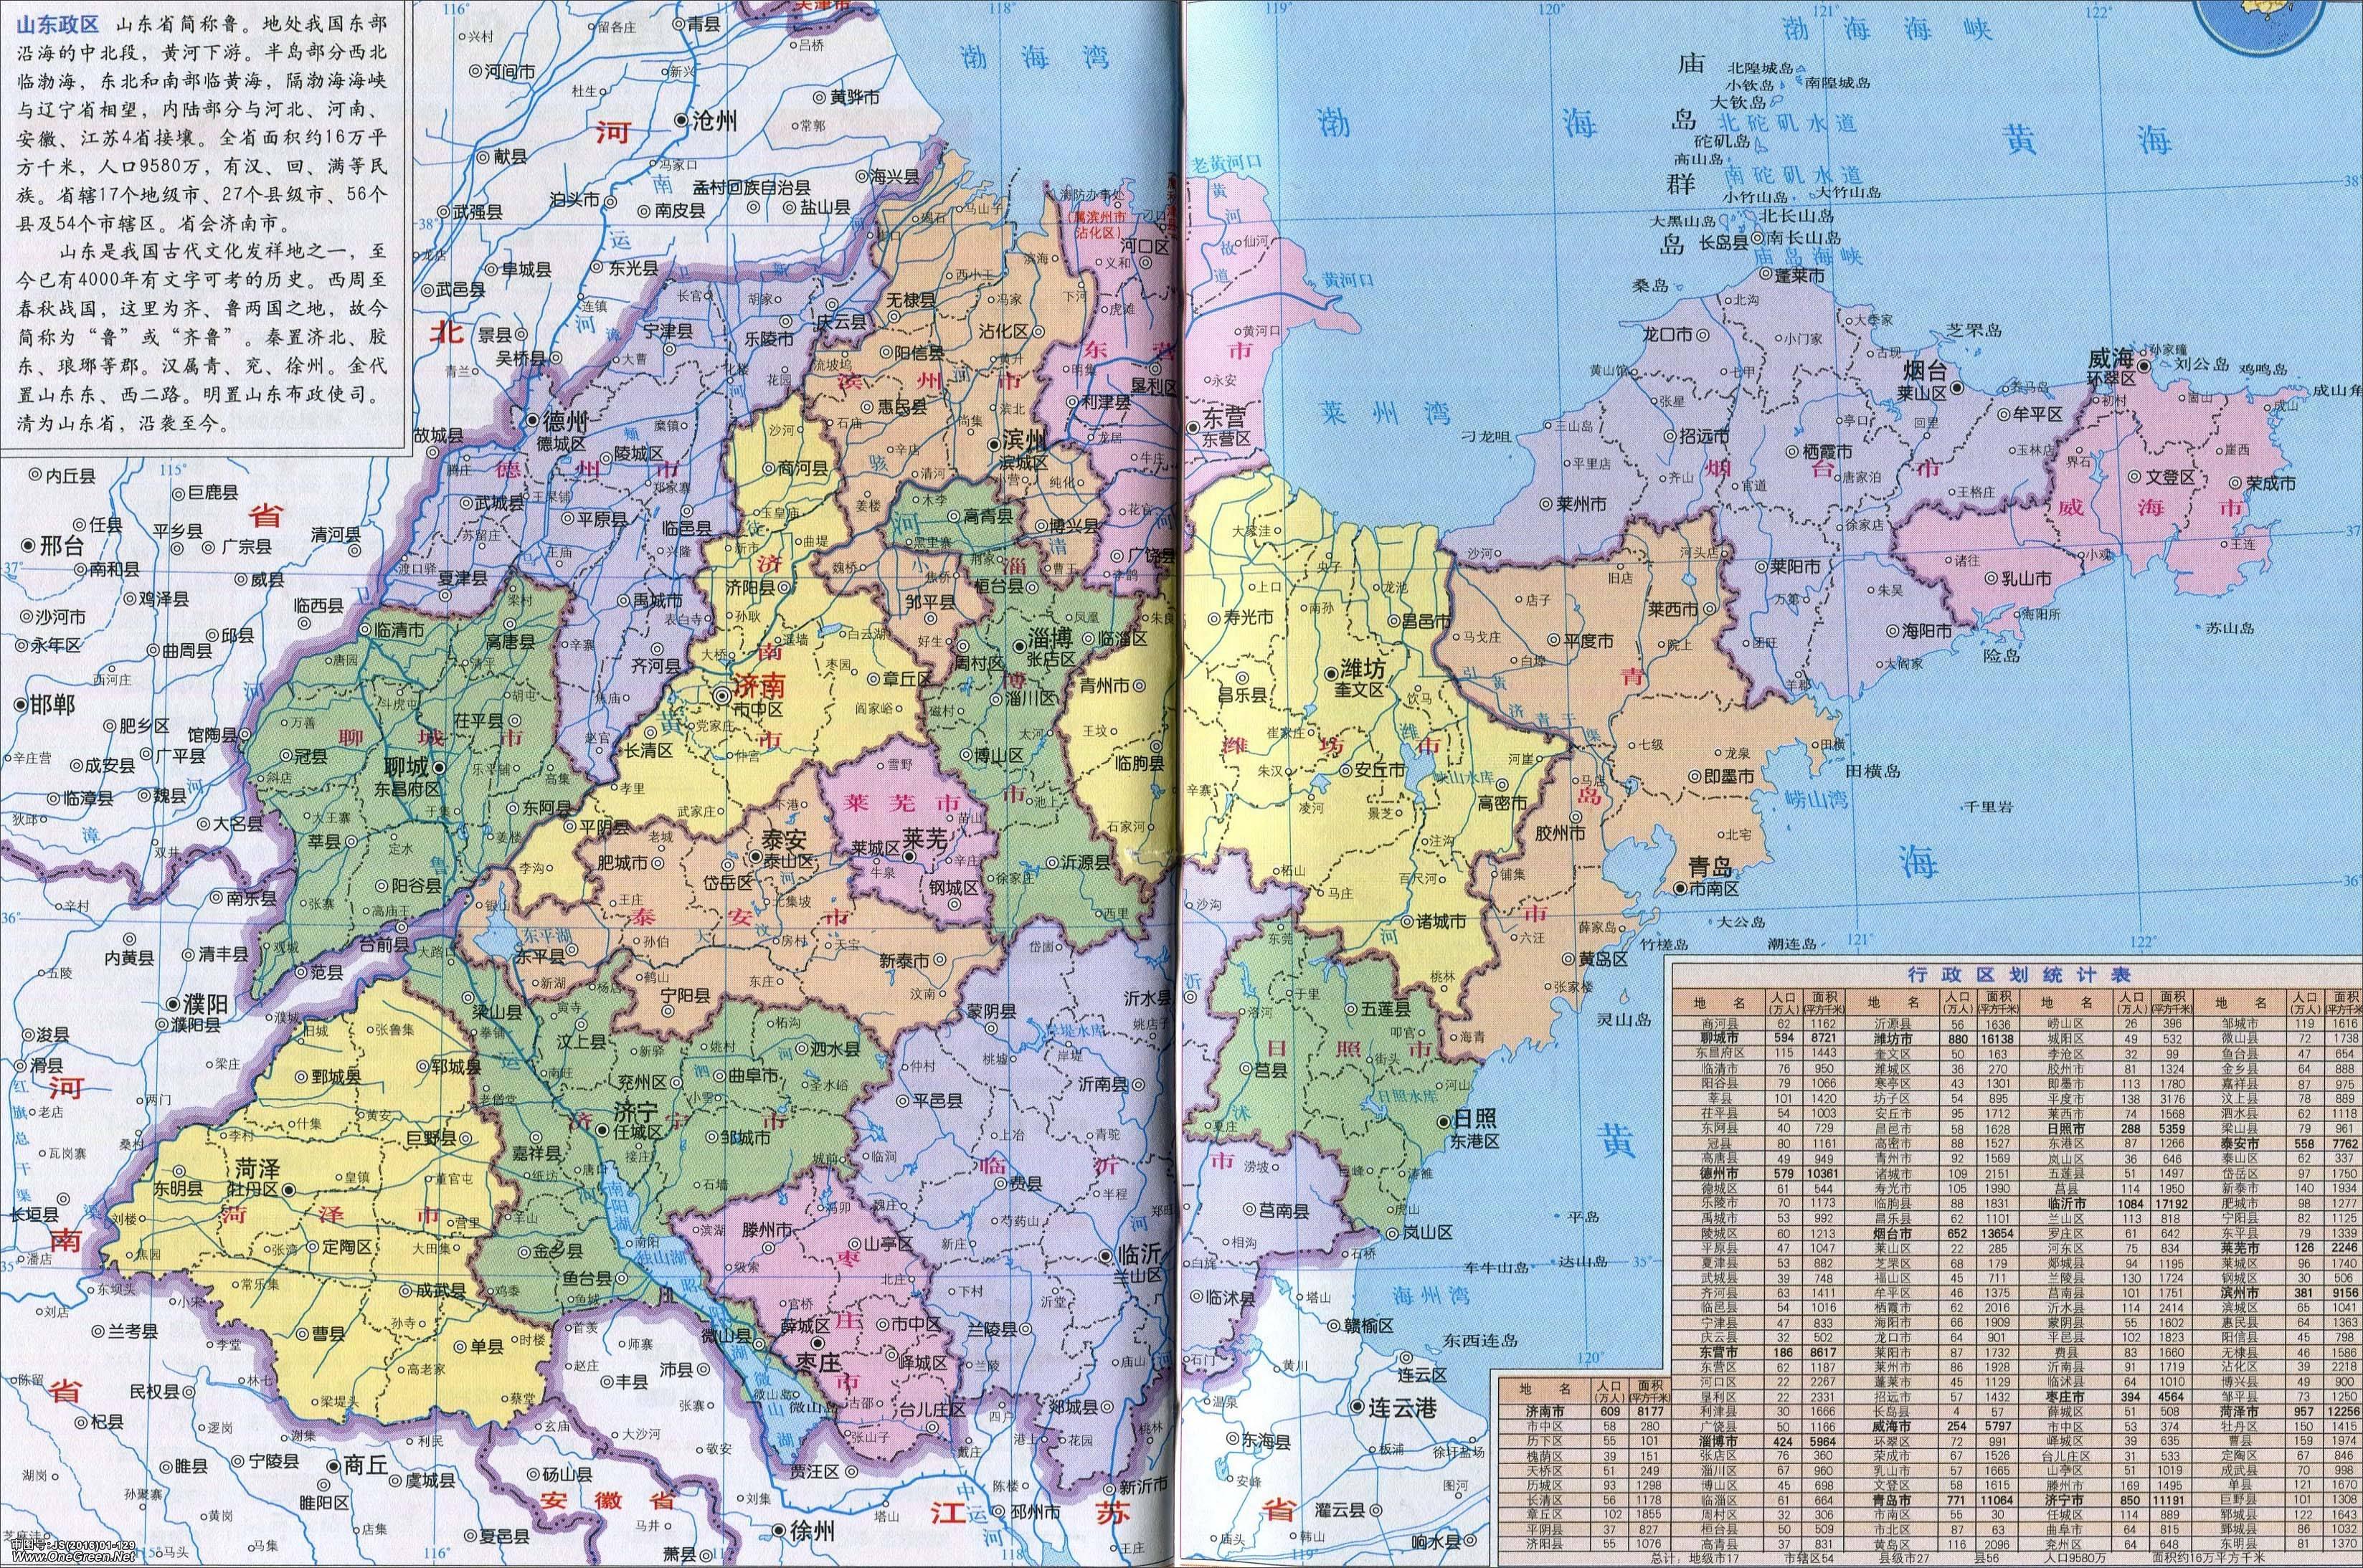 山东省地图高清版